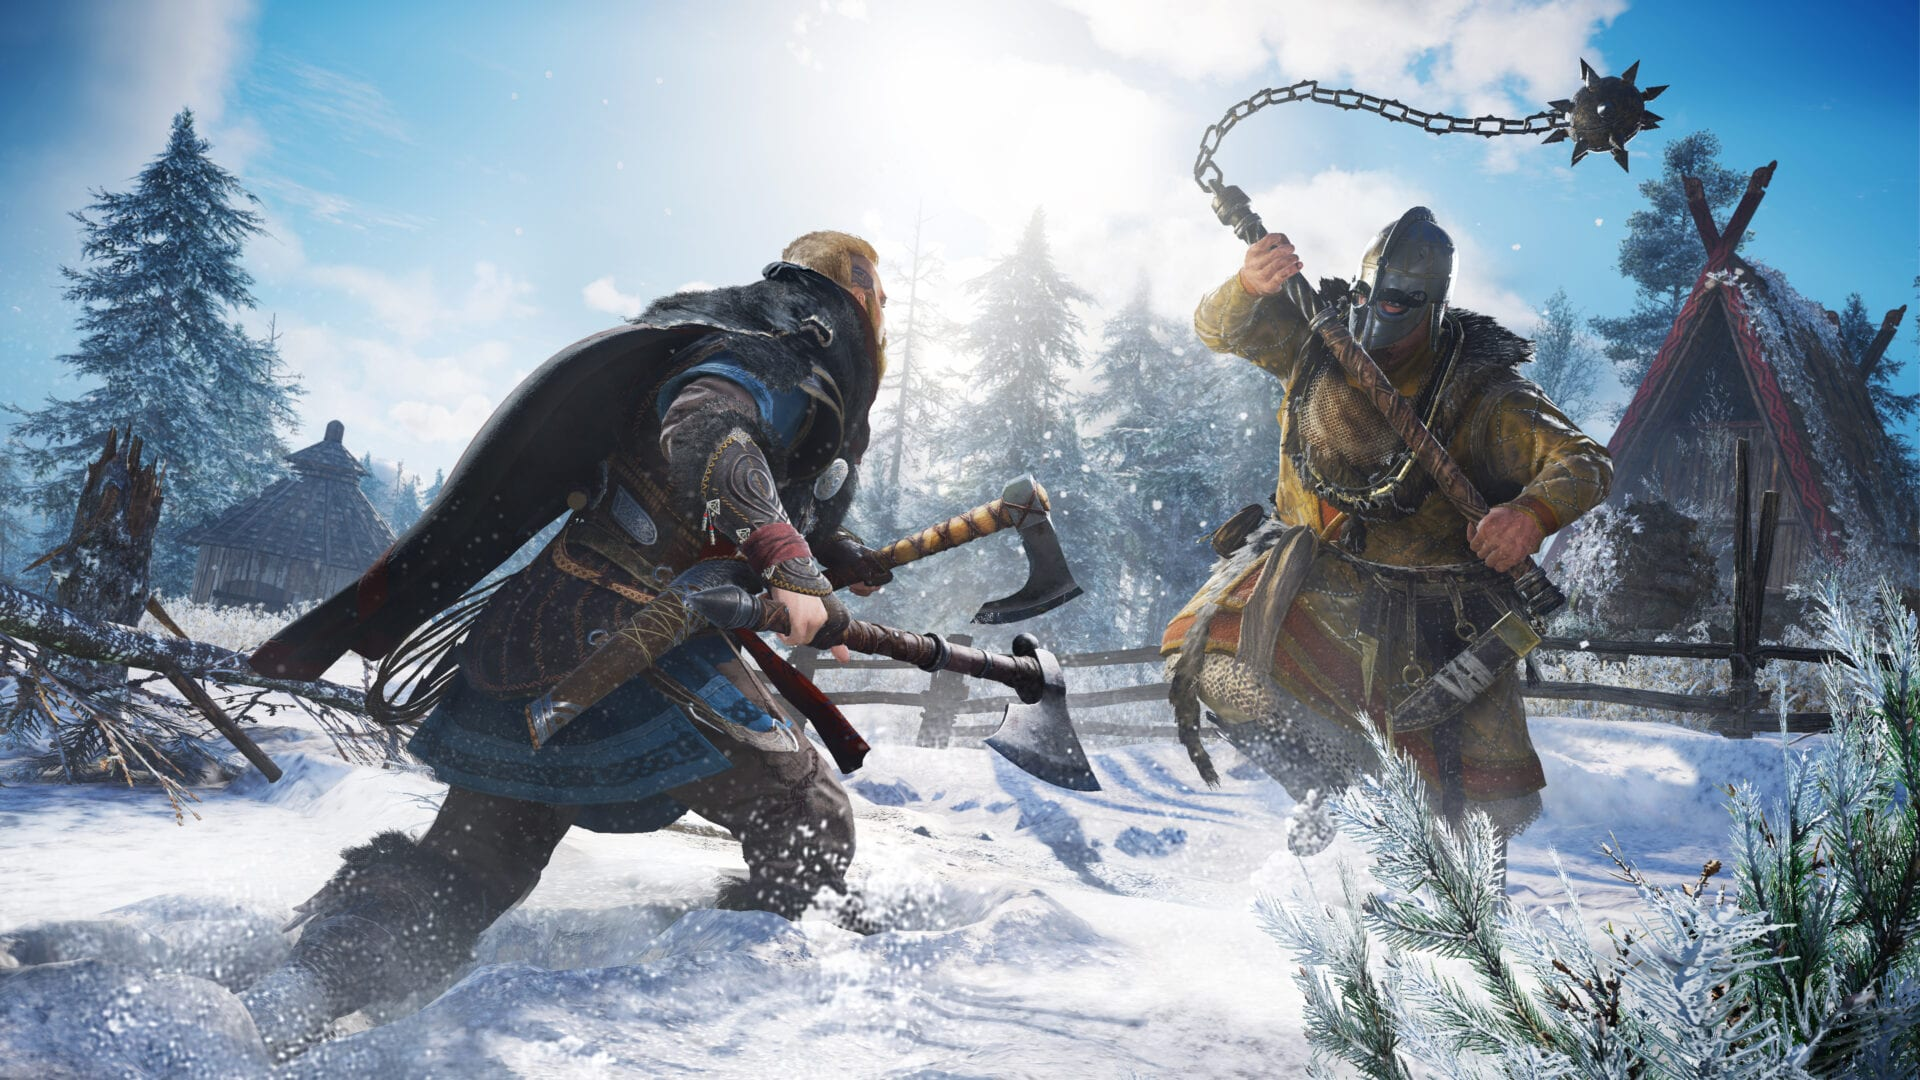 Assassin's Creed Valhalla, how to get Tungsten Ingot